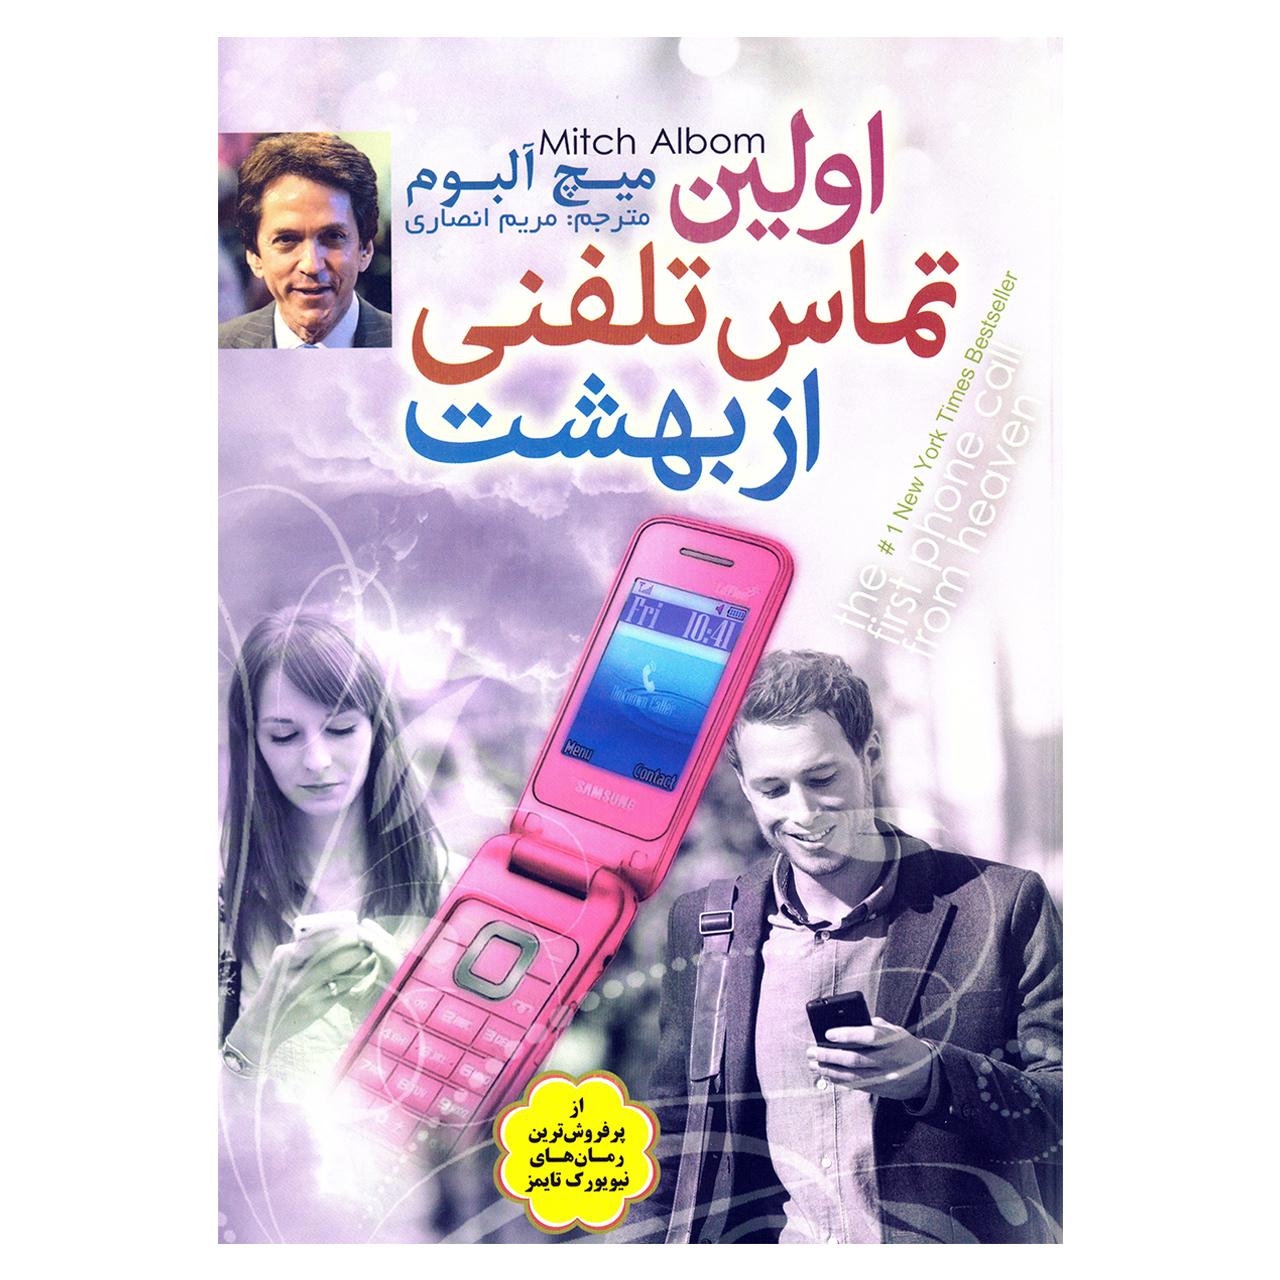 خرید                      کتاب اولین تماس تلفنی از بهشت اثر میچ آلبوم نشر اعتلای وطن